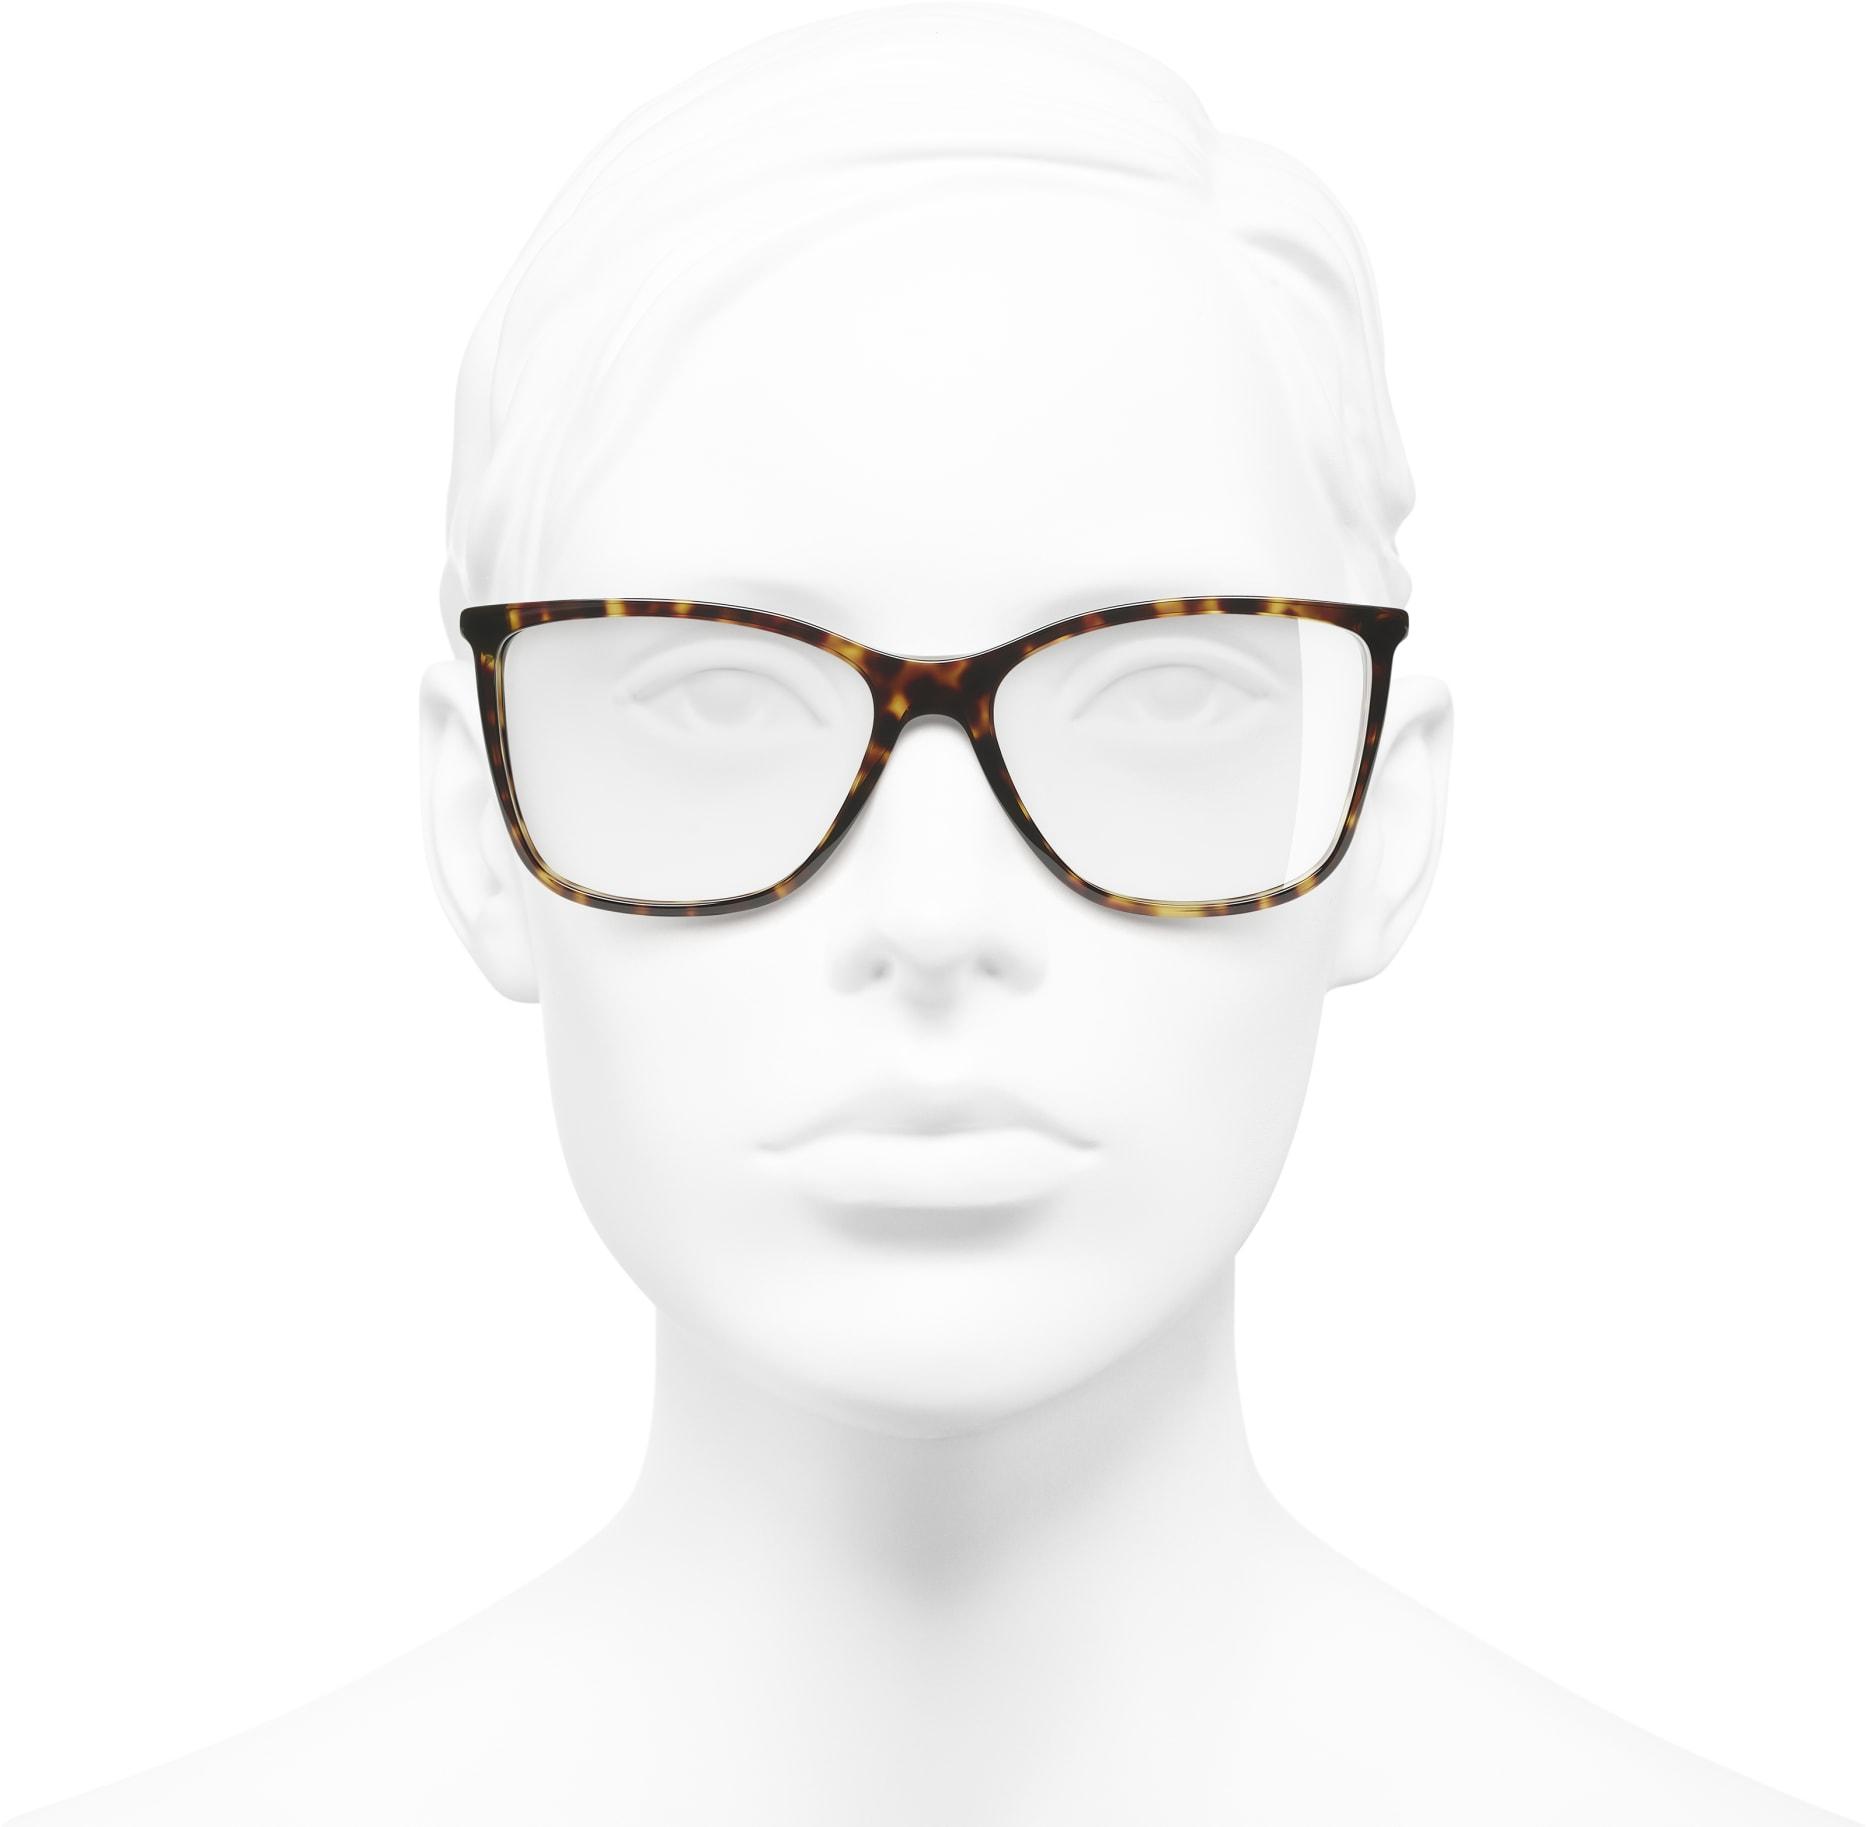 Gafas para graduar rectangulares